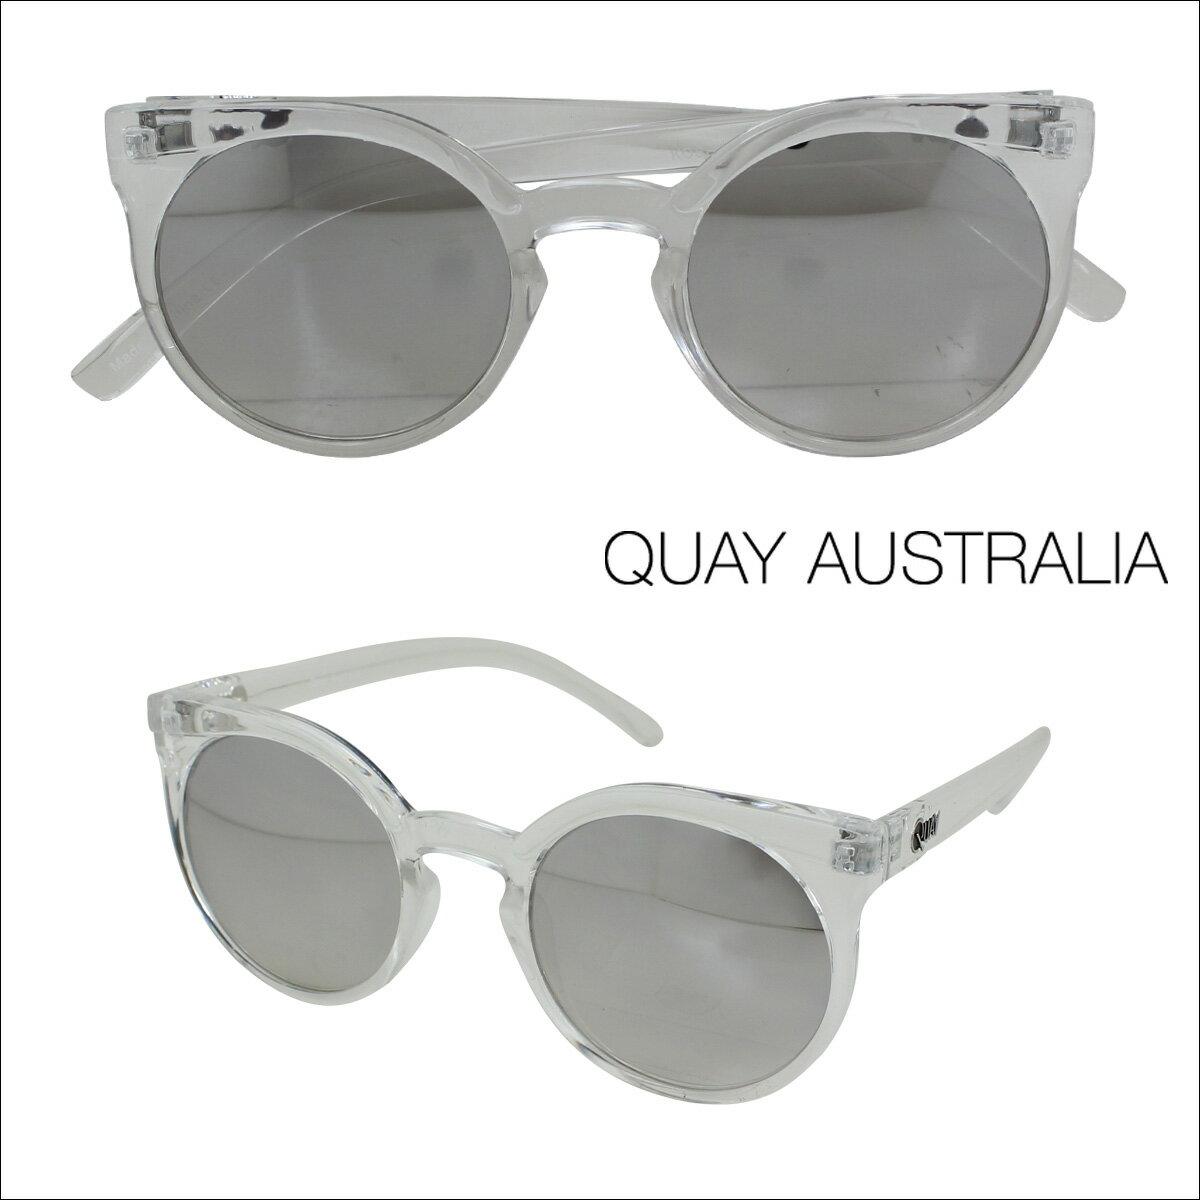 【訳あり】 QUAY AUSTRALIA キーアイ オーストラリア サングラス クリア×シルバー レディース 【返品不可】